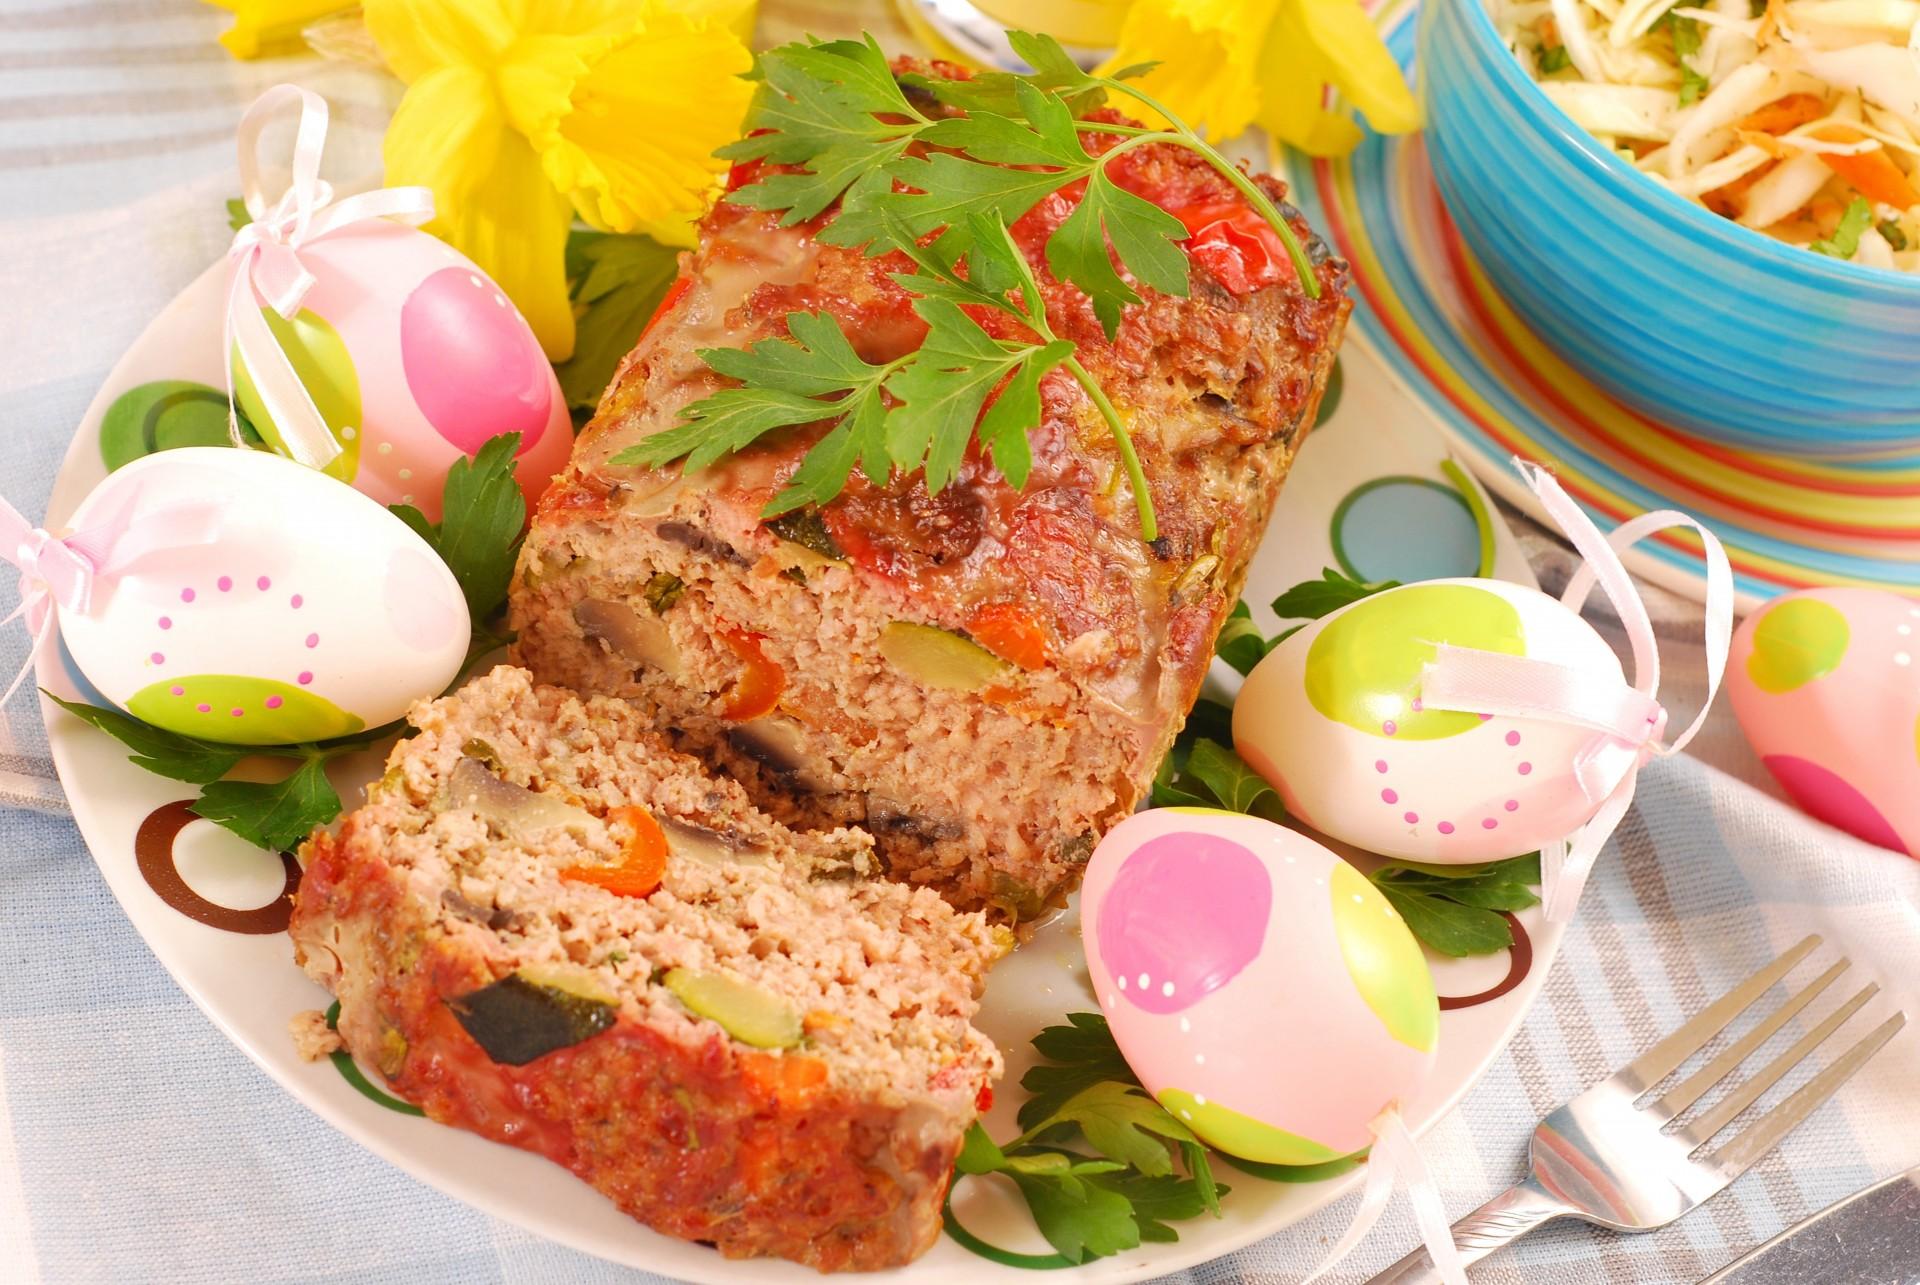 А чтобы правильно её встретить и приготовить пасхальный стол, нужны традиционные и вкусные блюда к пасхе.